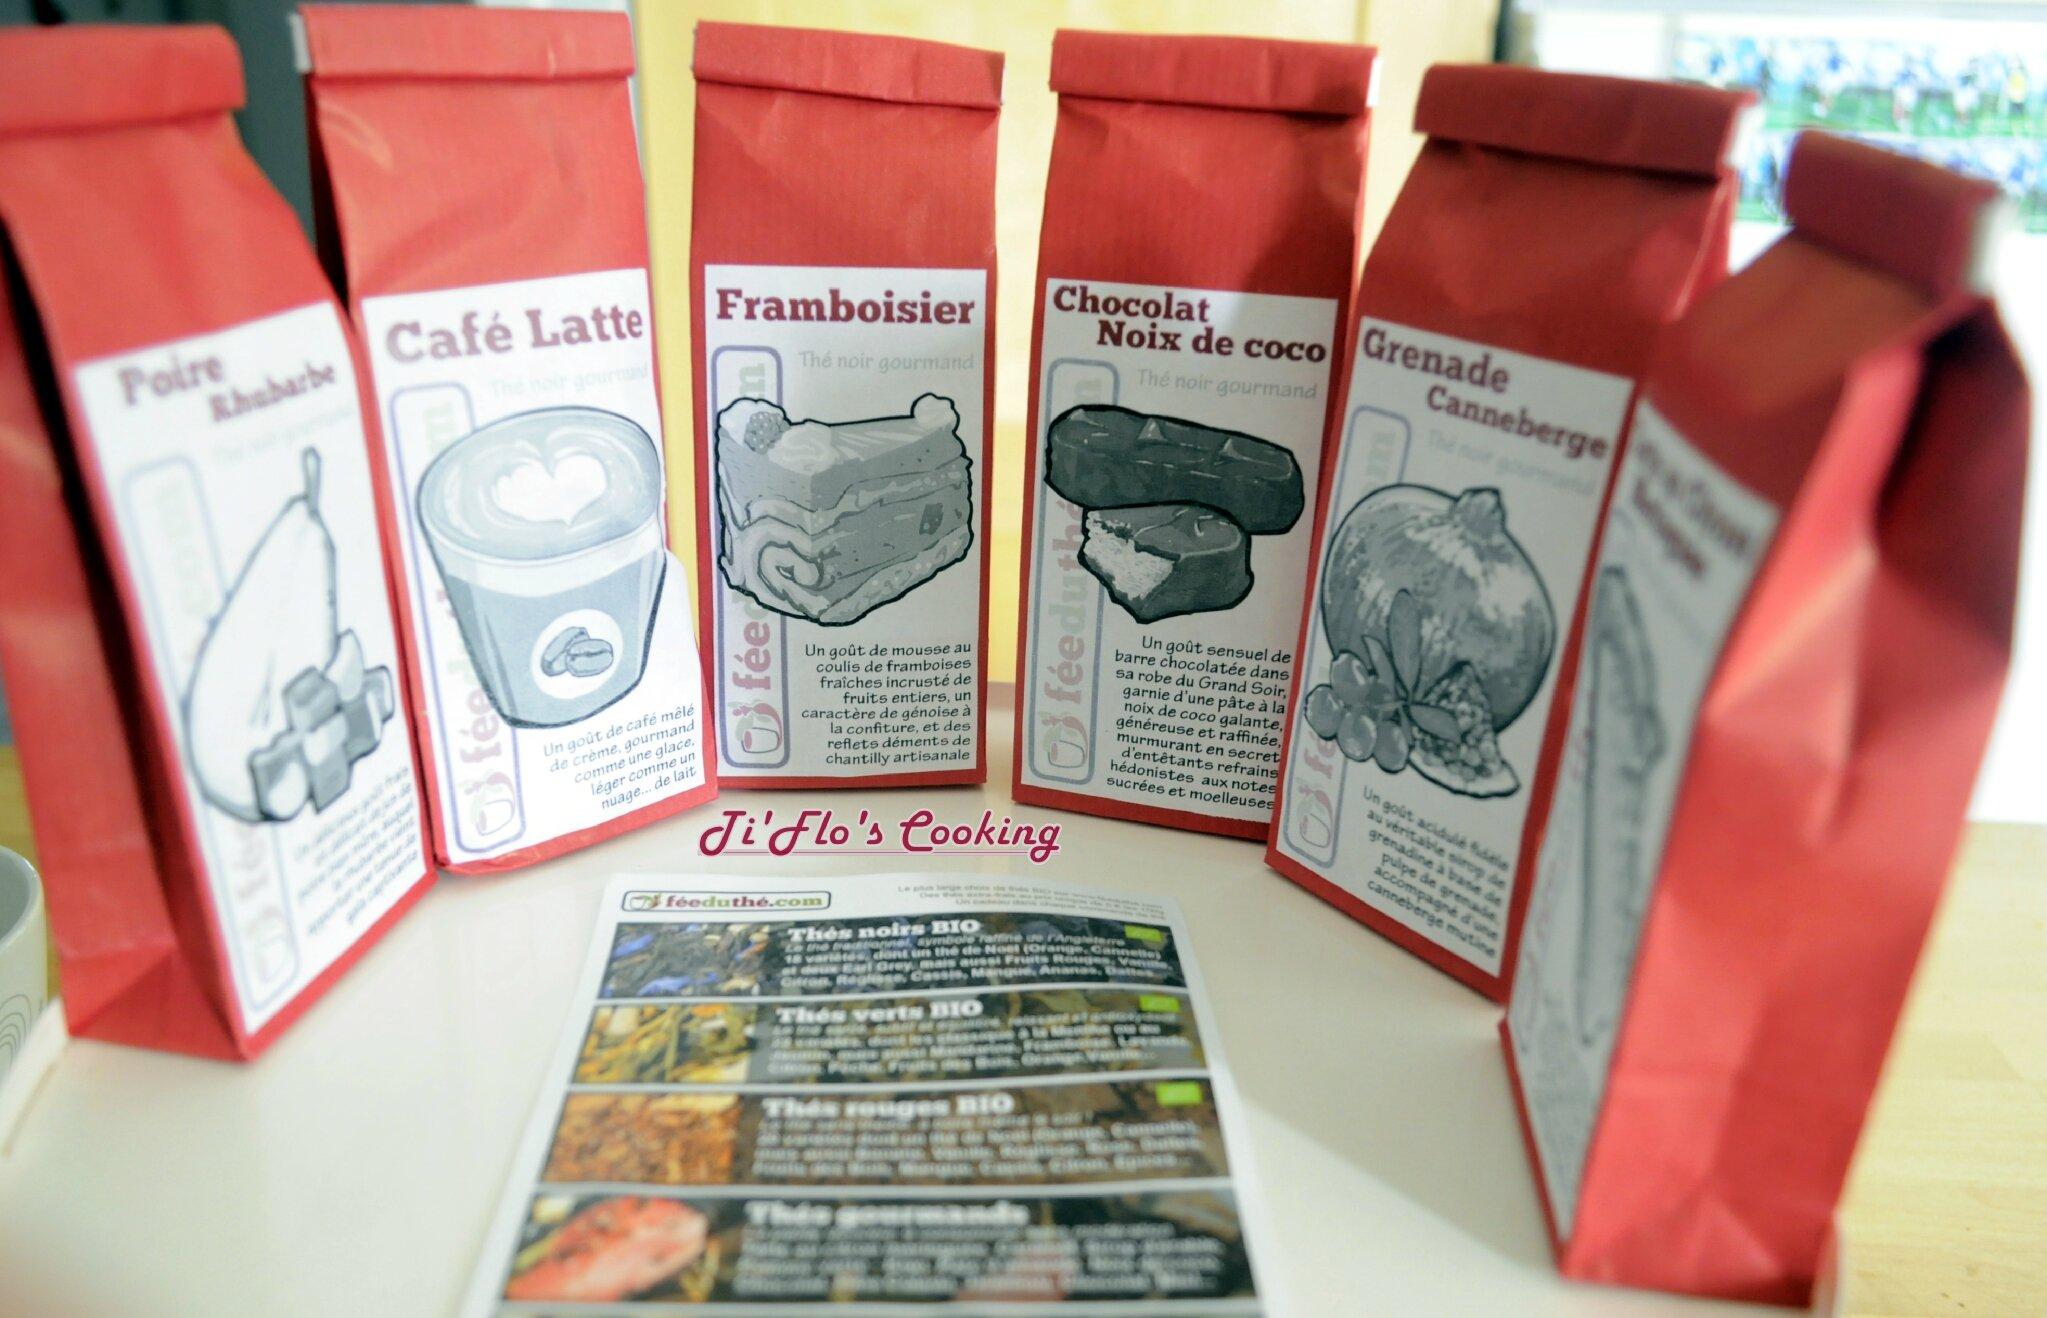 Le pack de dégustation de thés noirs gourmands de féeduthé.com photographié par Florence